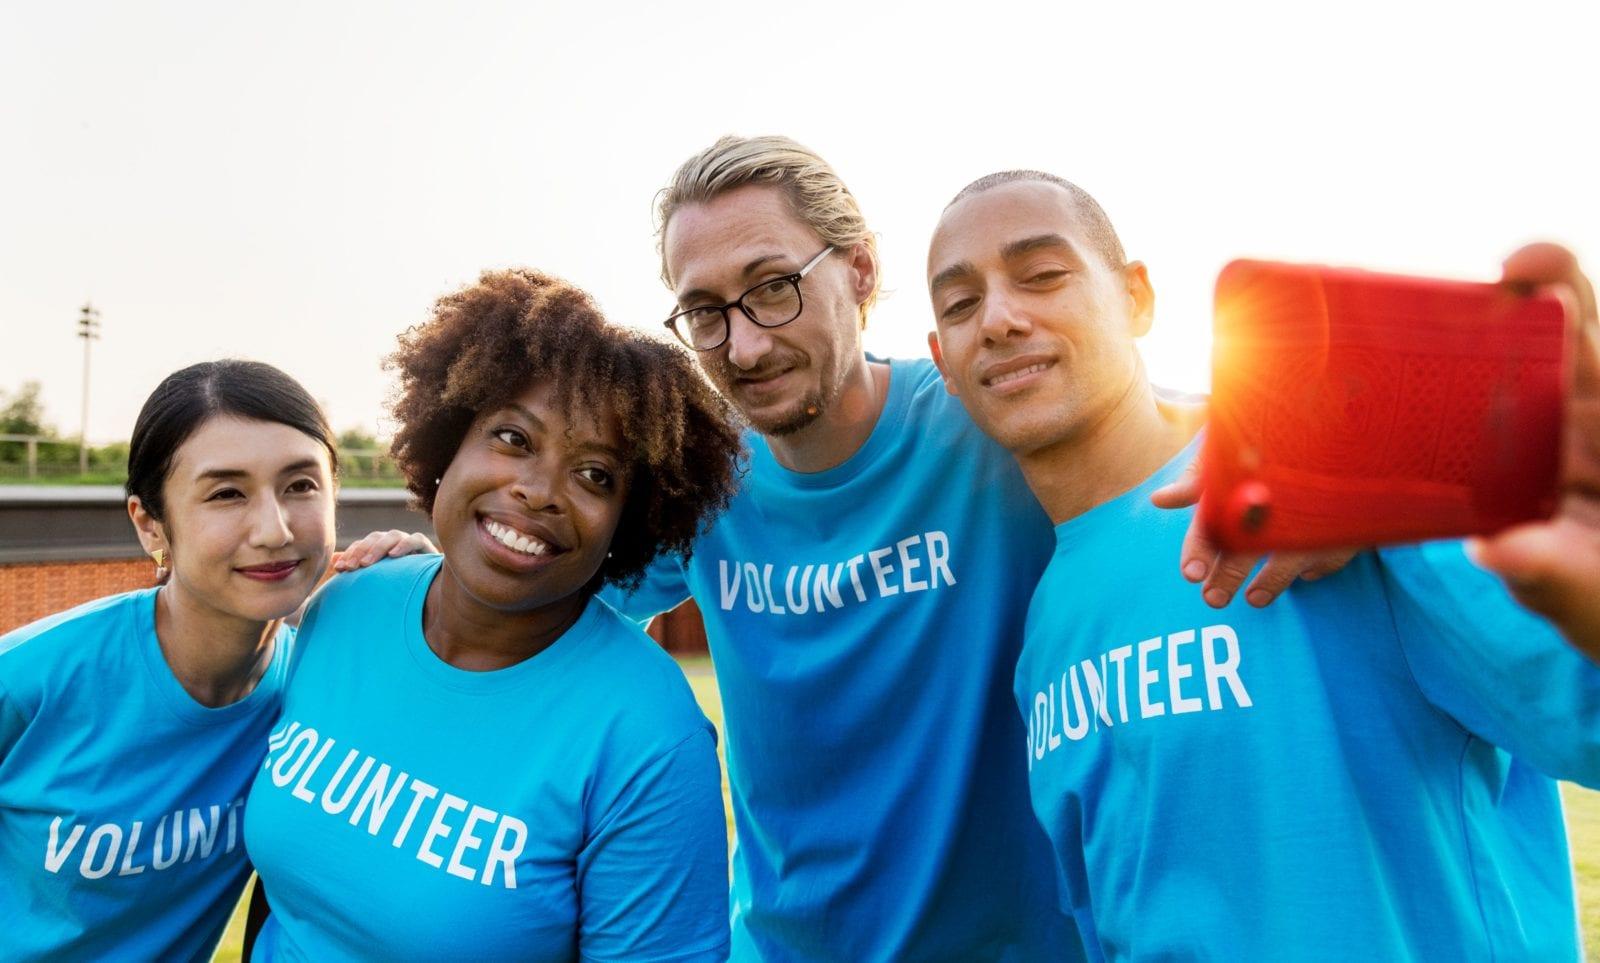 Vrijwilligers die foto maken met smartphone